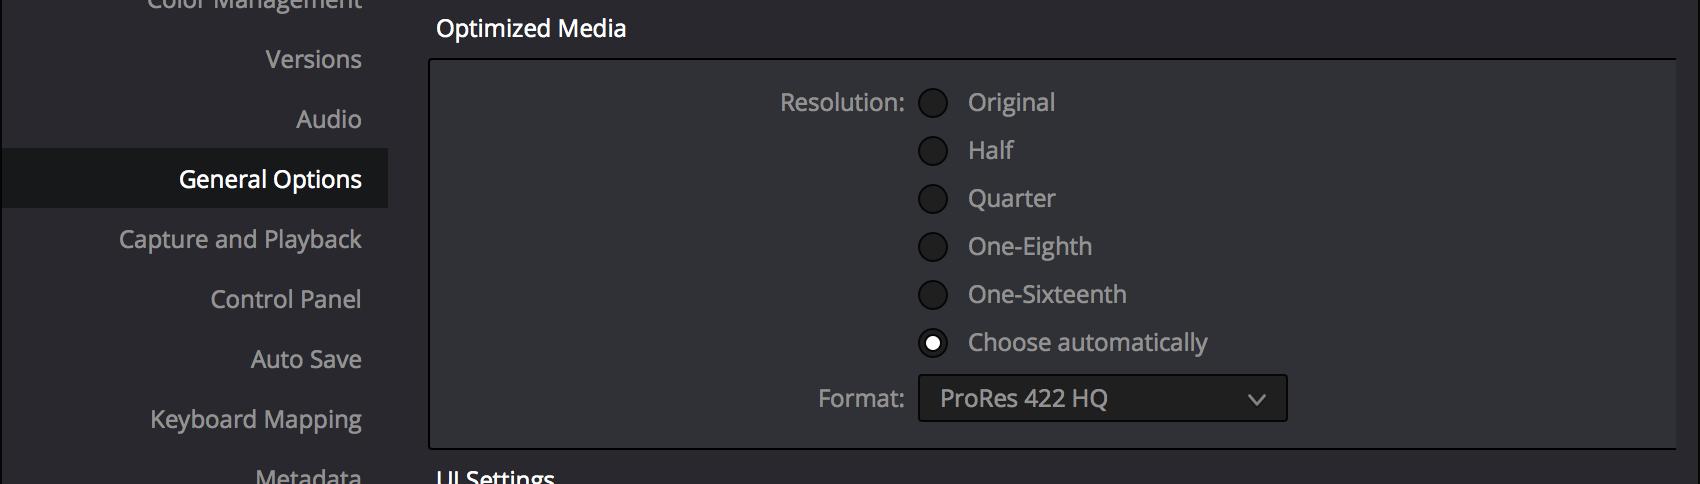 OptimizedMediaSettings